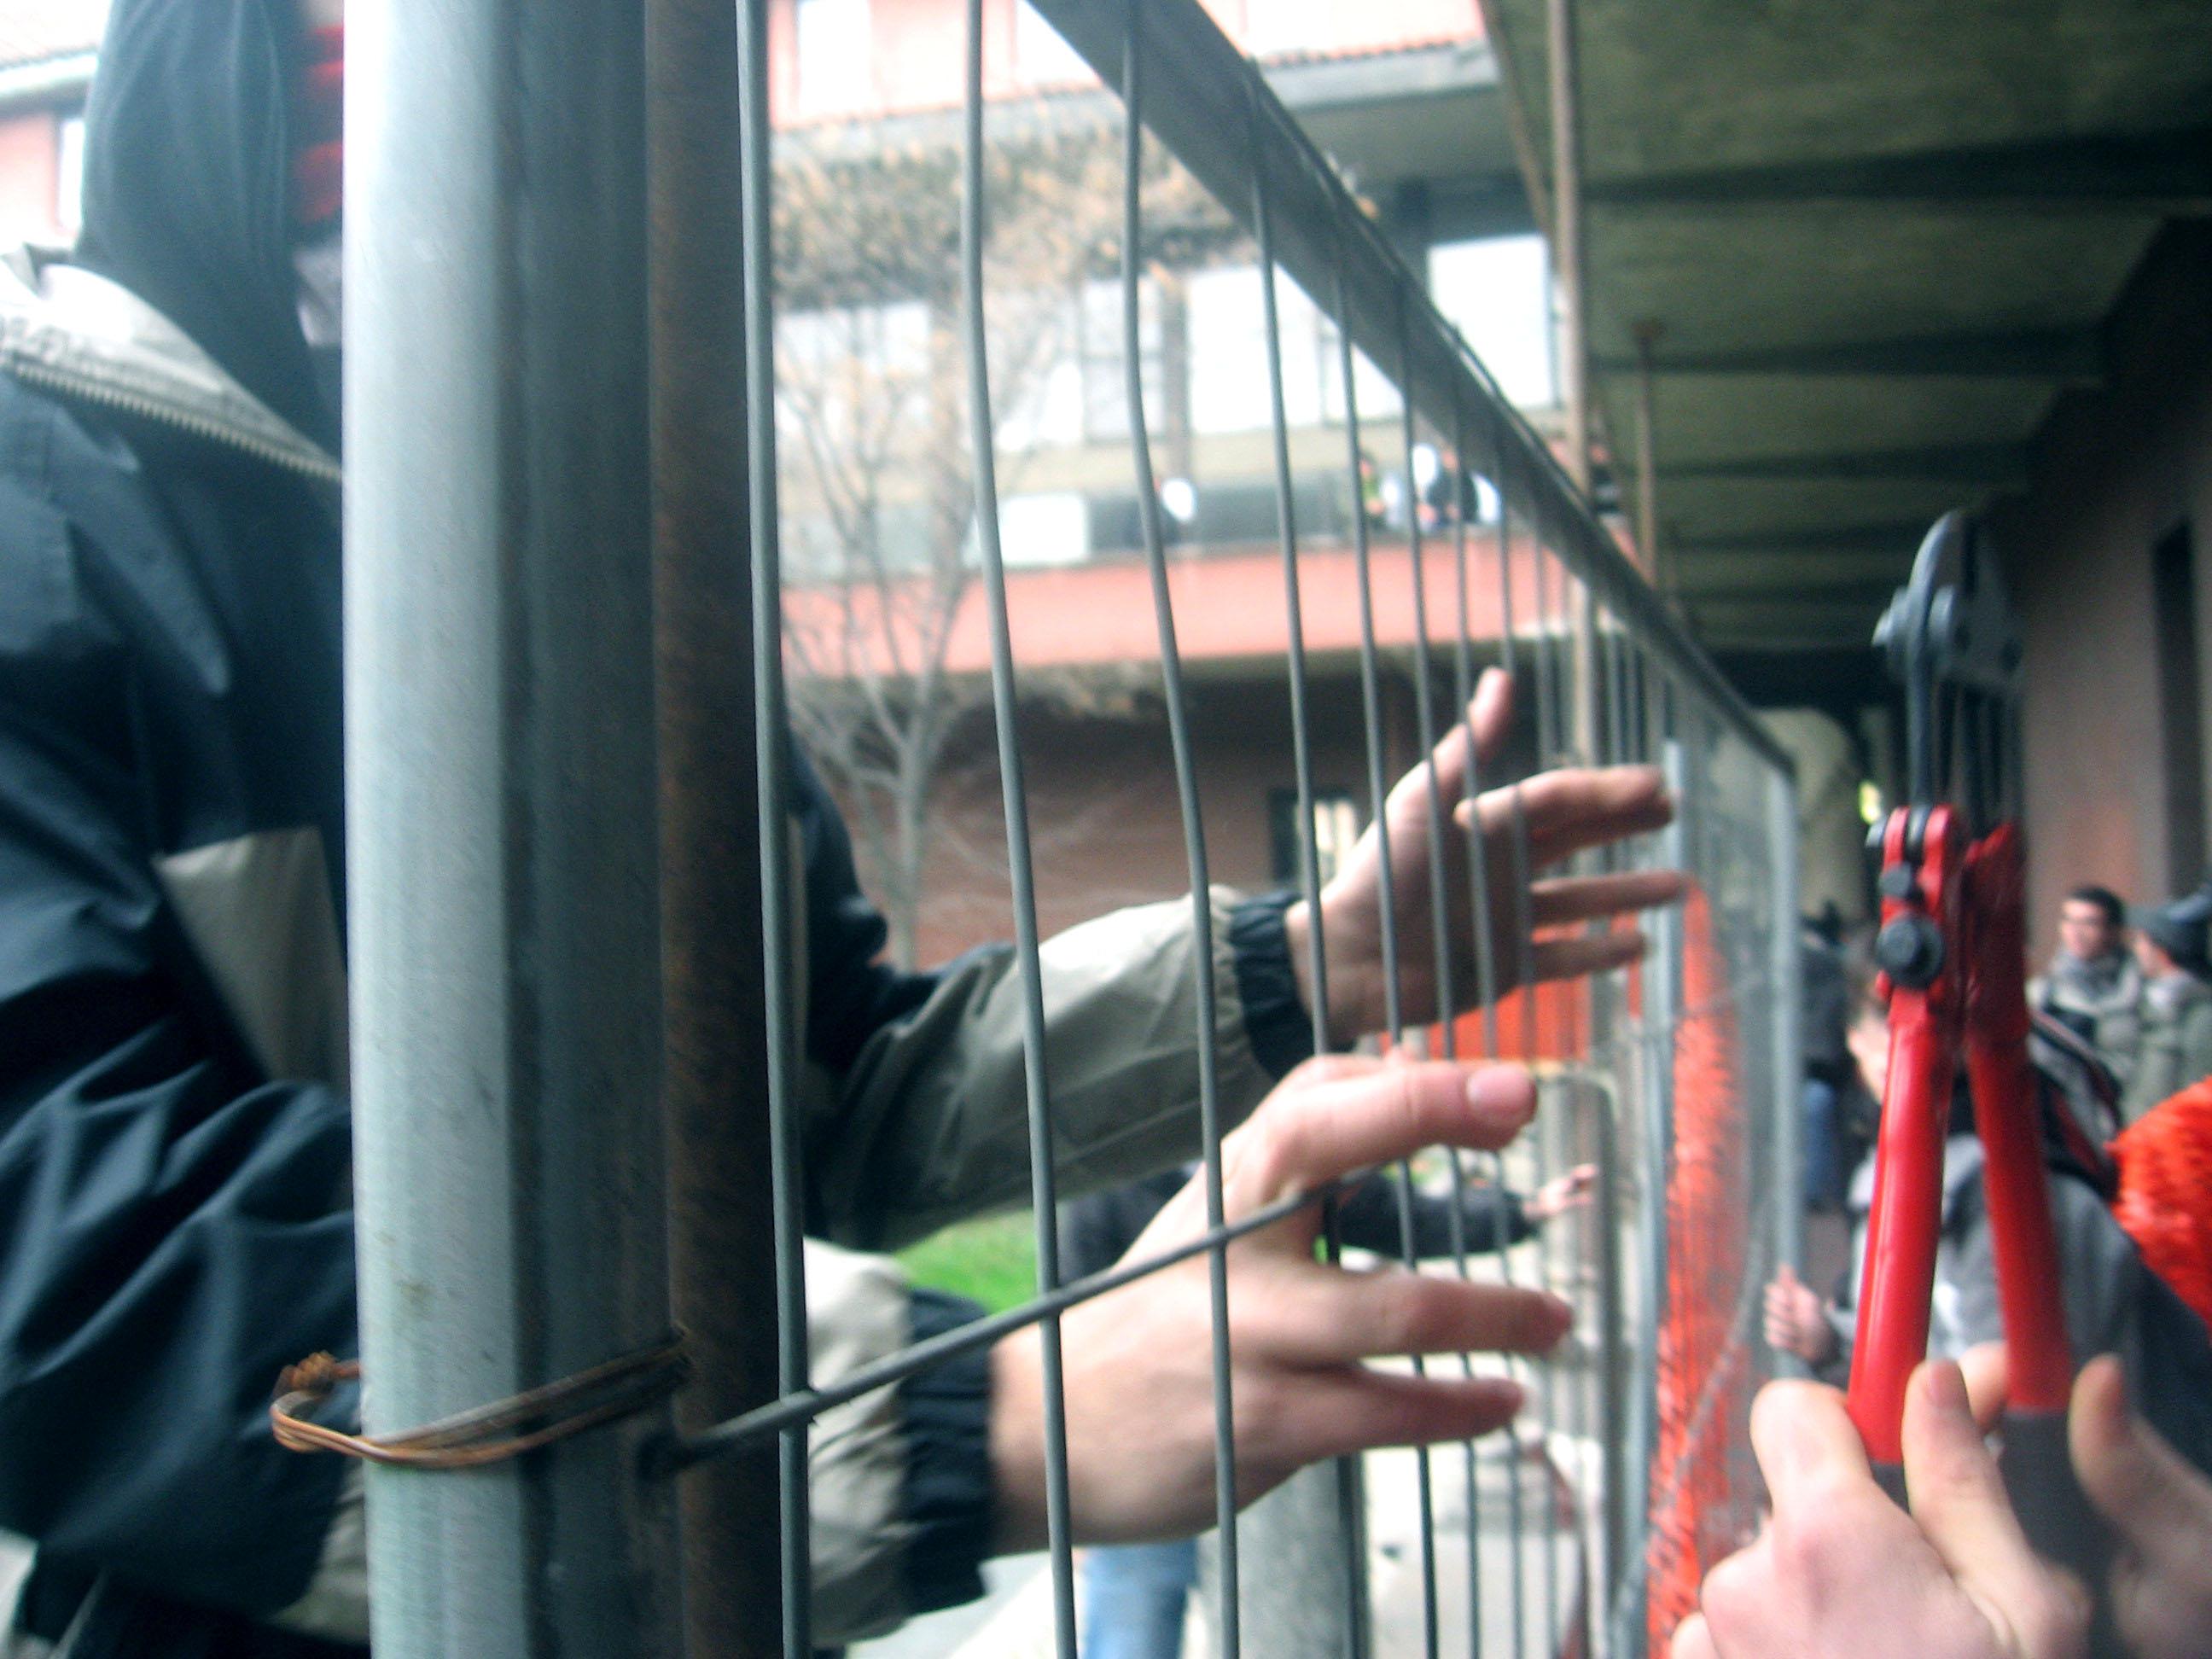 Azione chiostro filosofia 20 febbraio_rompiamo le gabbie